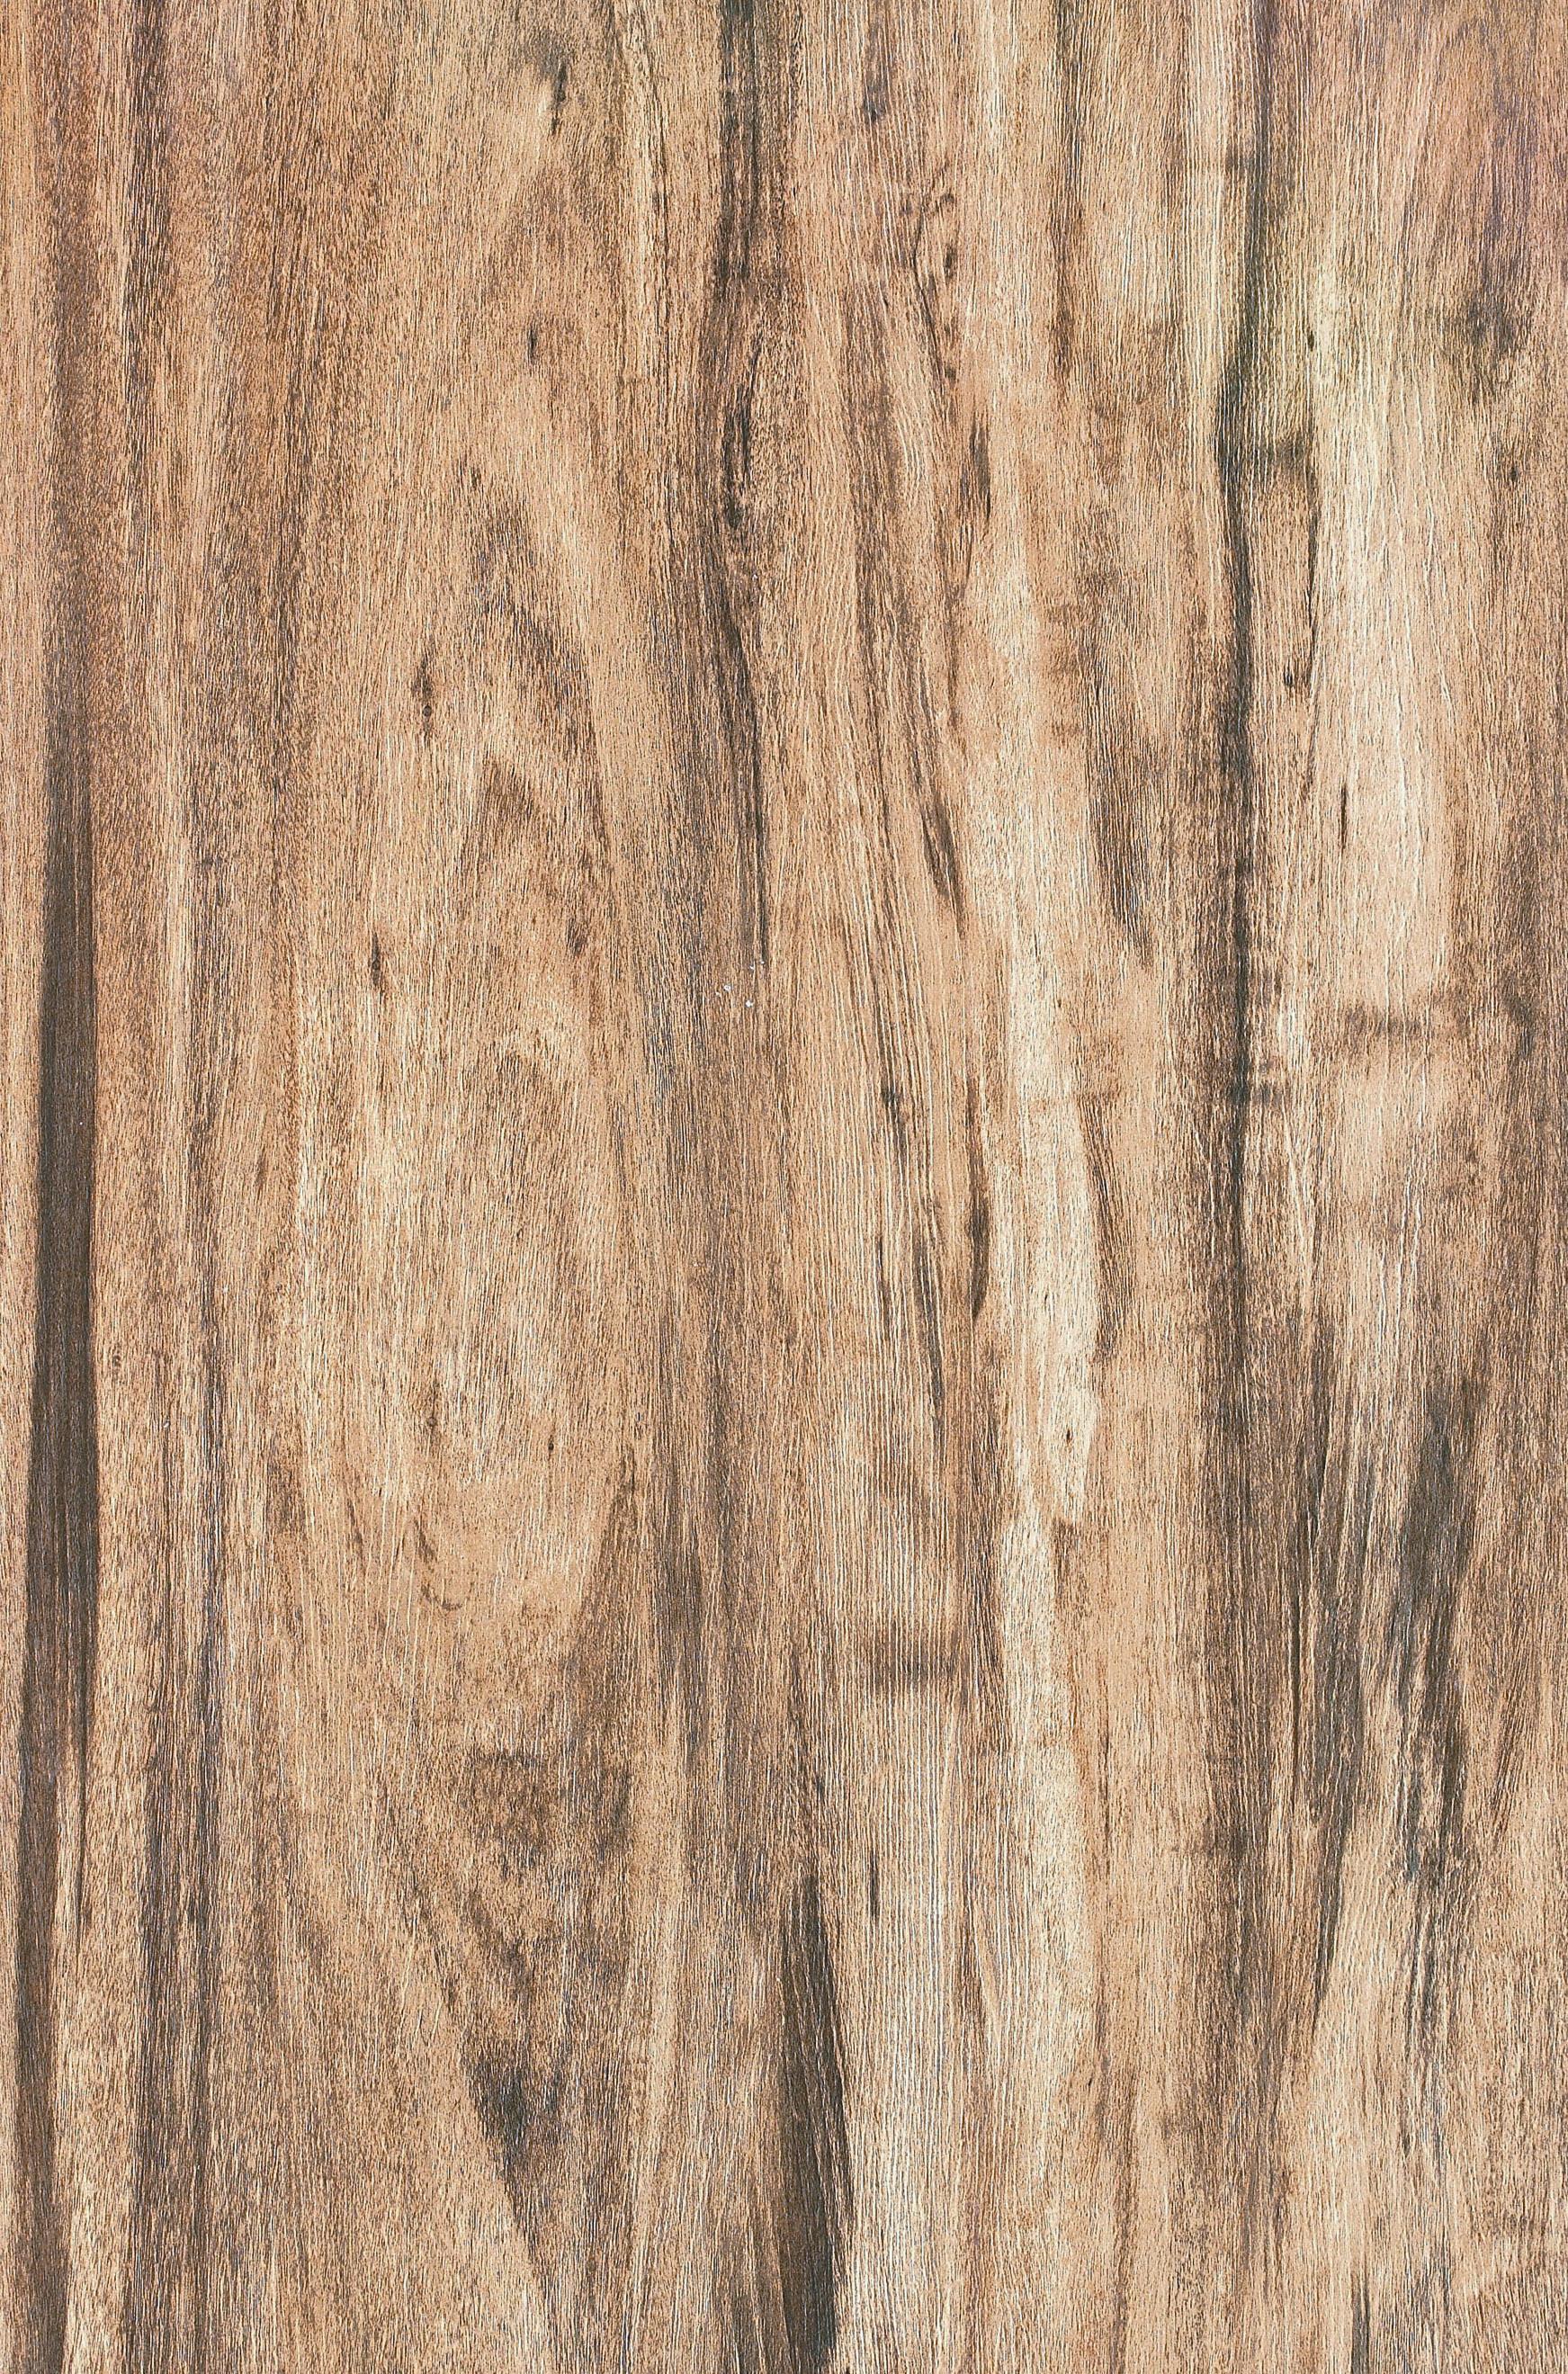 木材-残旧木(164)